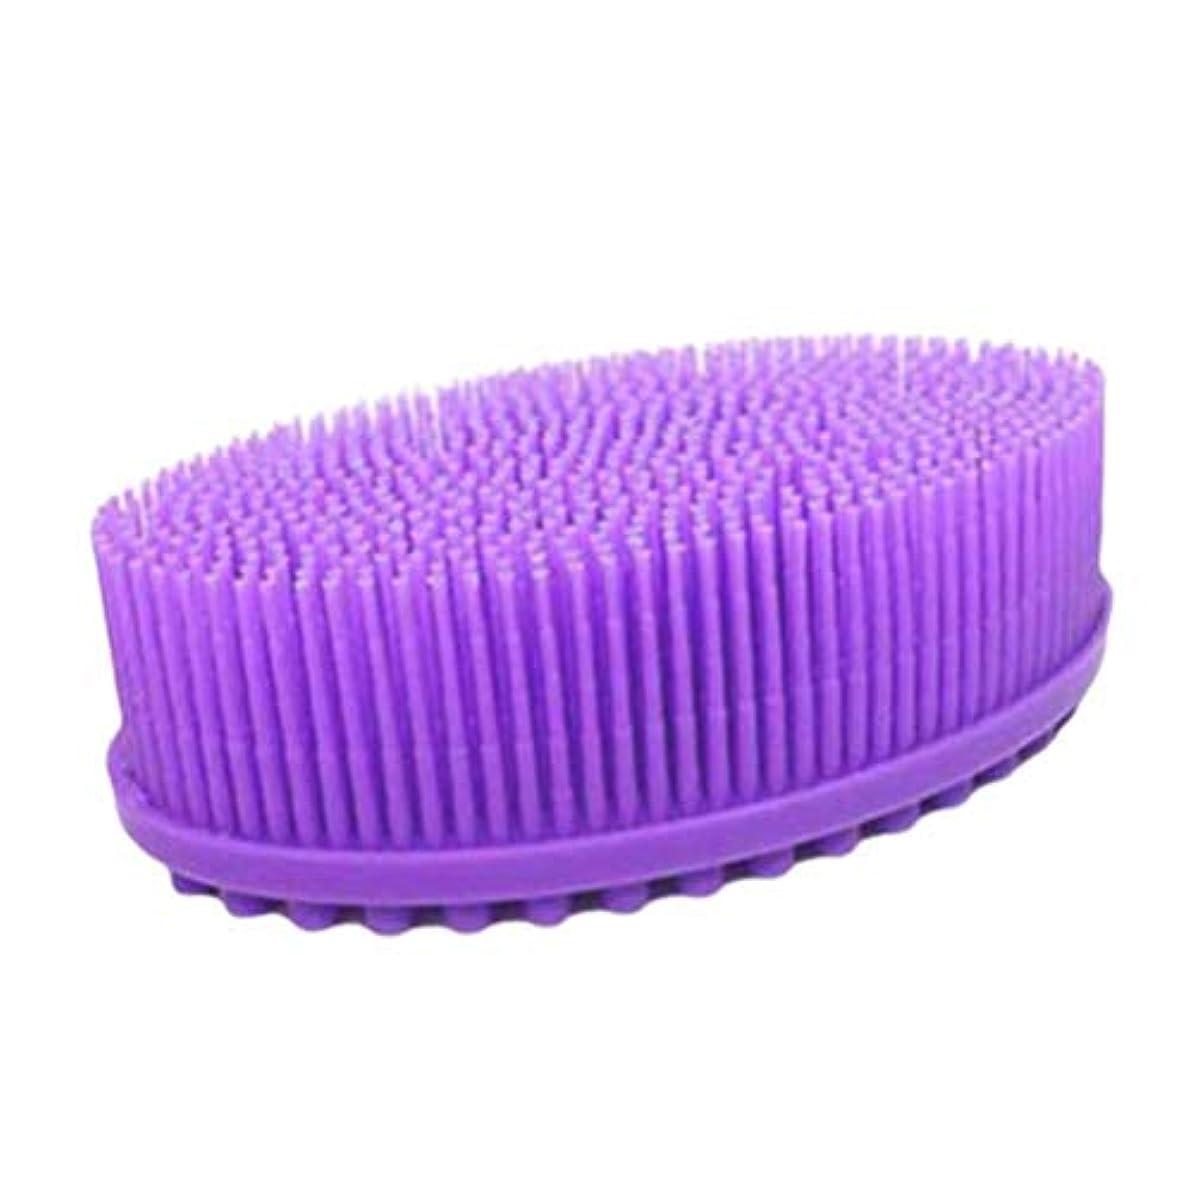 望み傾向バスTOPBATHY ベビーシリコンボディヘアシャンプーブラシバスバックブラシスキンマッサージラウンドヘッドボディシャワーブラシ(紫)